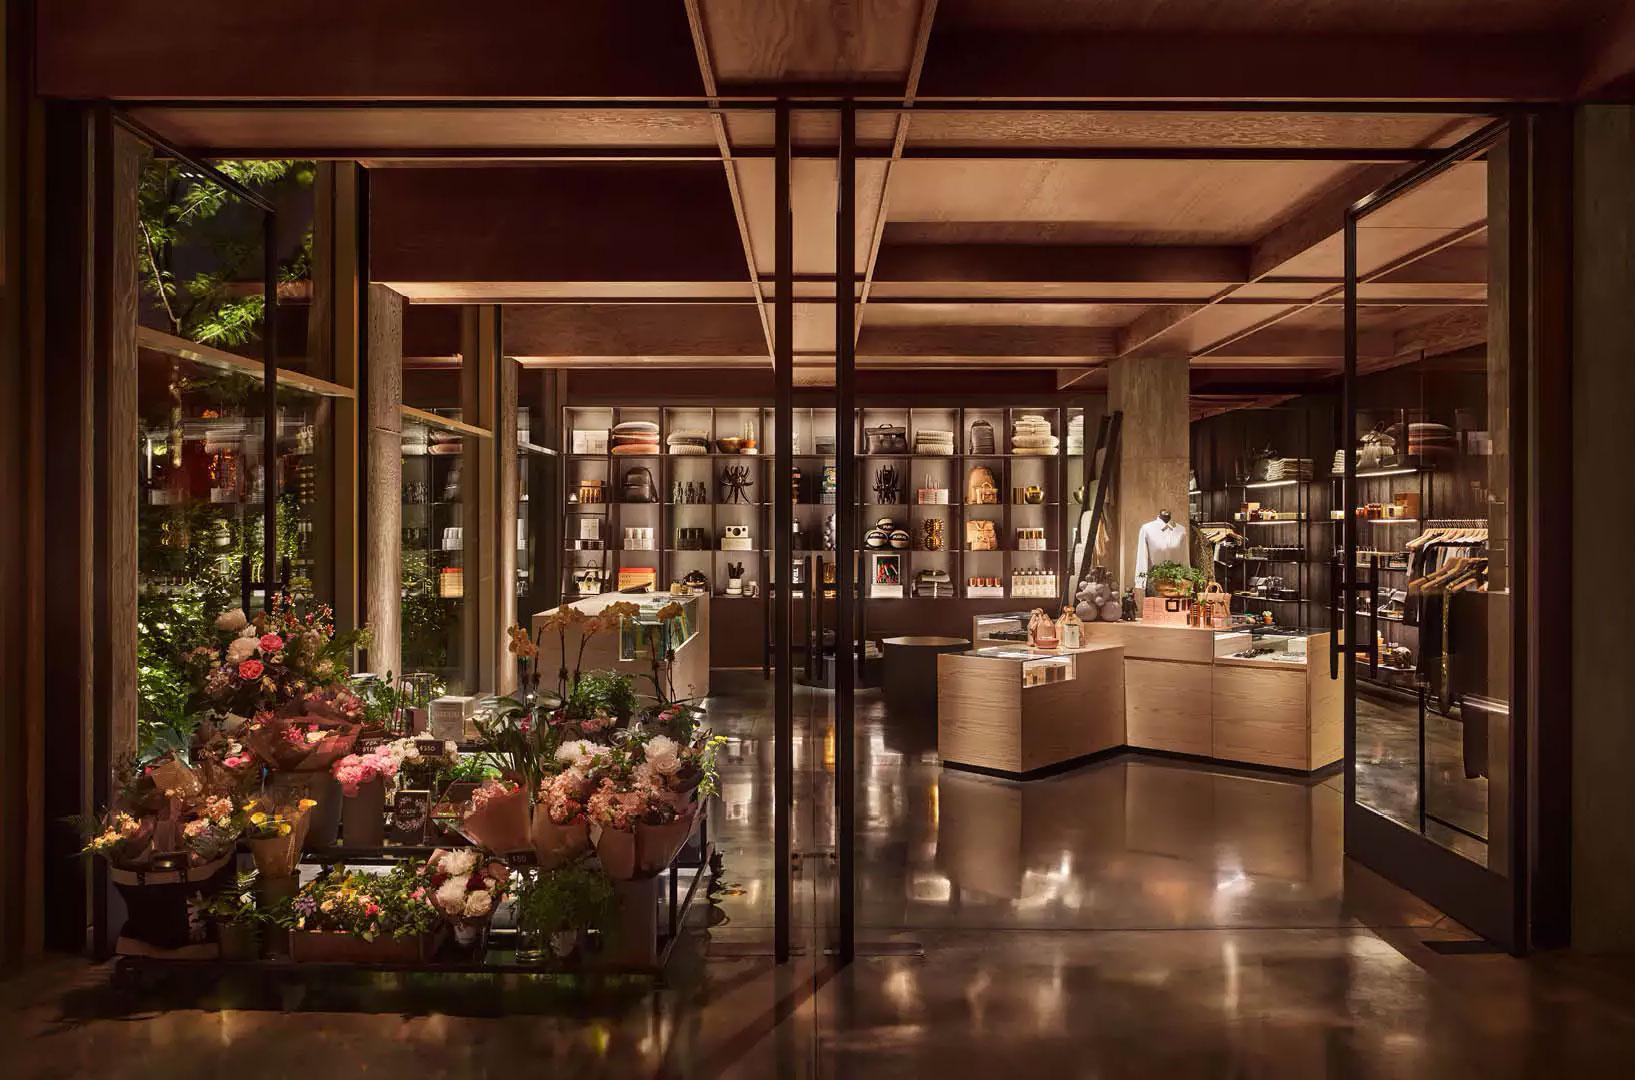 Das wohl angesagteste Hotel in SoHo, NYC: Das Public Hotel von Studio 54-Gründer Ian Schrager 14